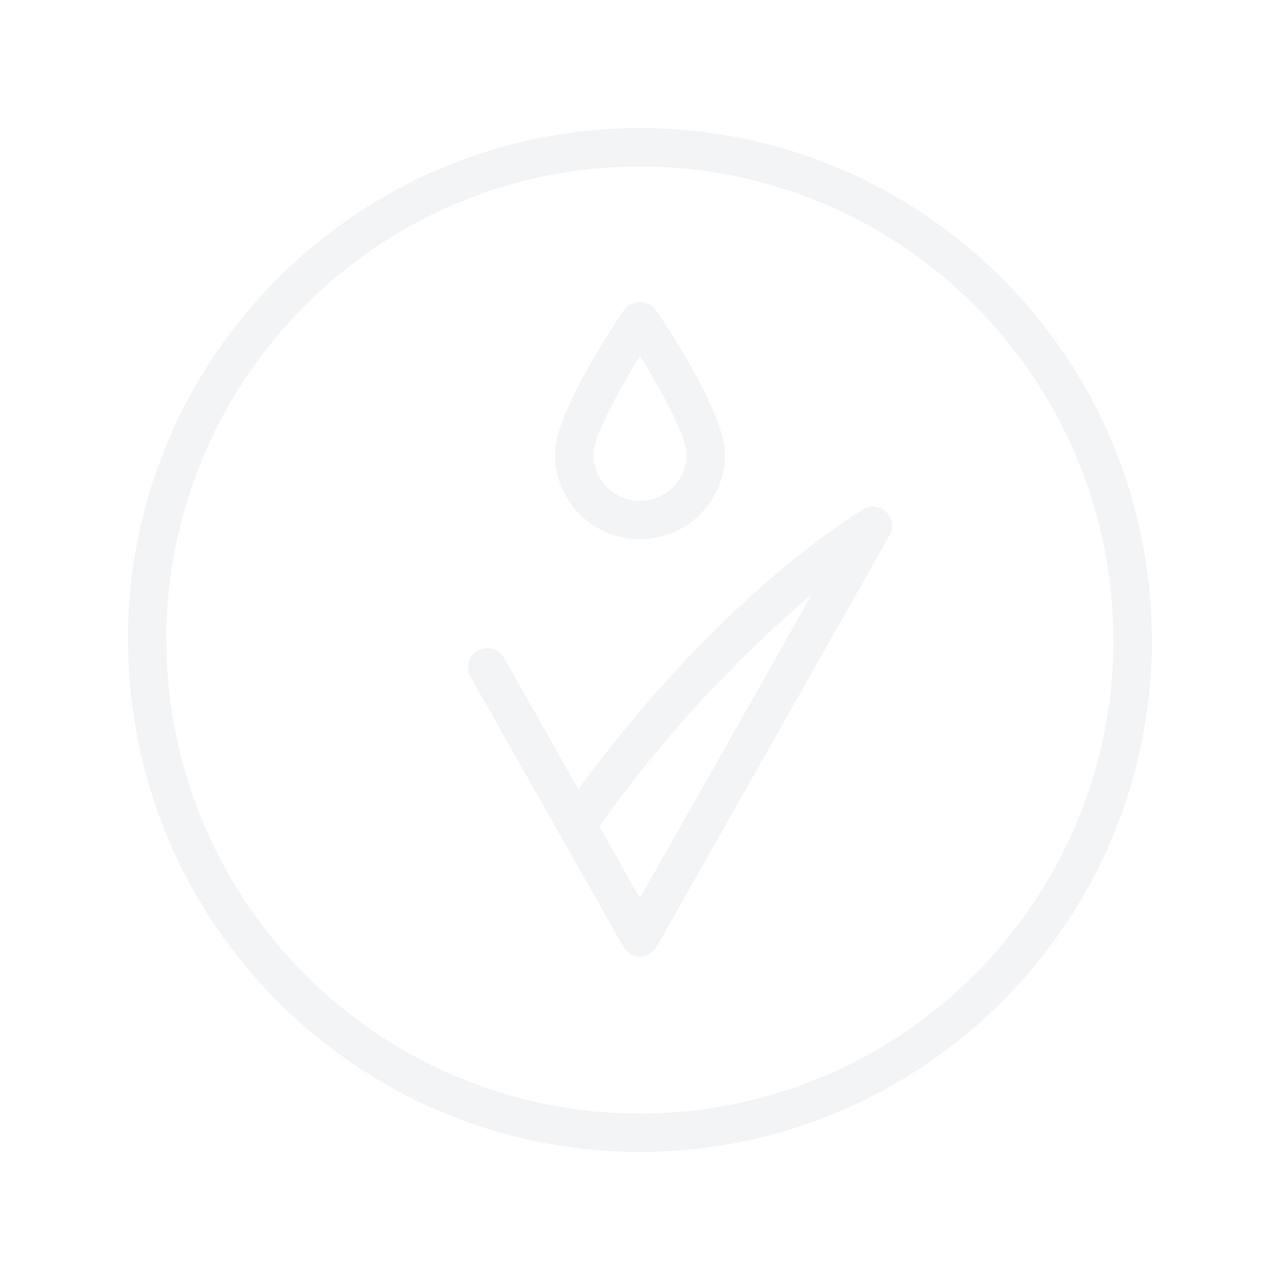 HUGO BOSS Ma Vie Pour Femme 50ml Eau De Parfum Gift Set